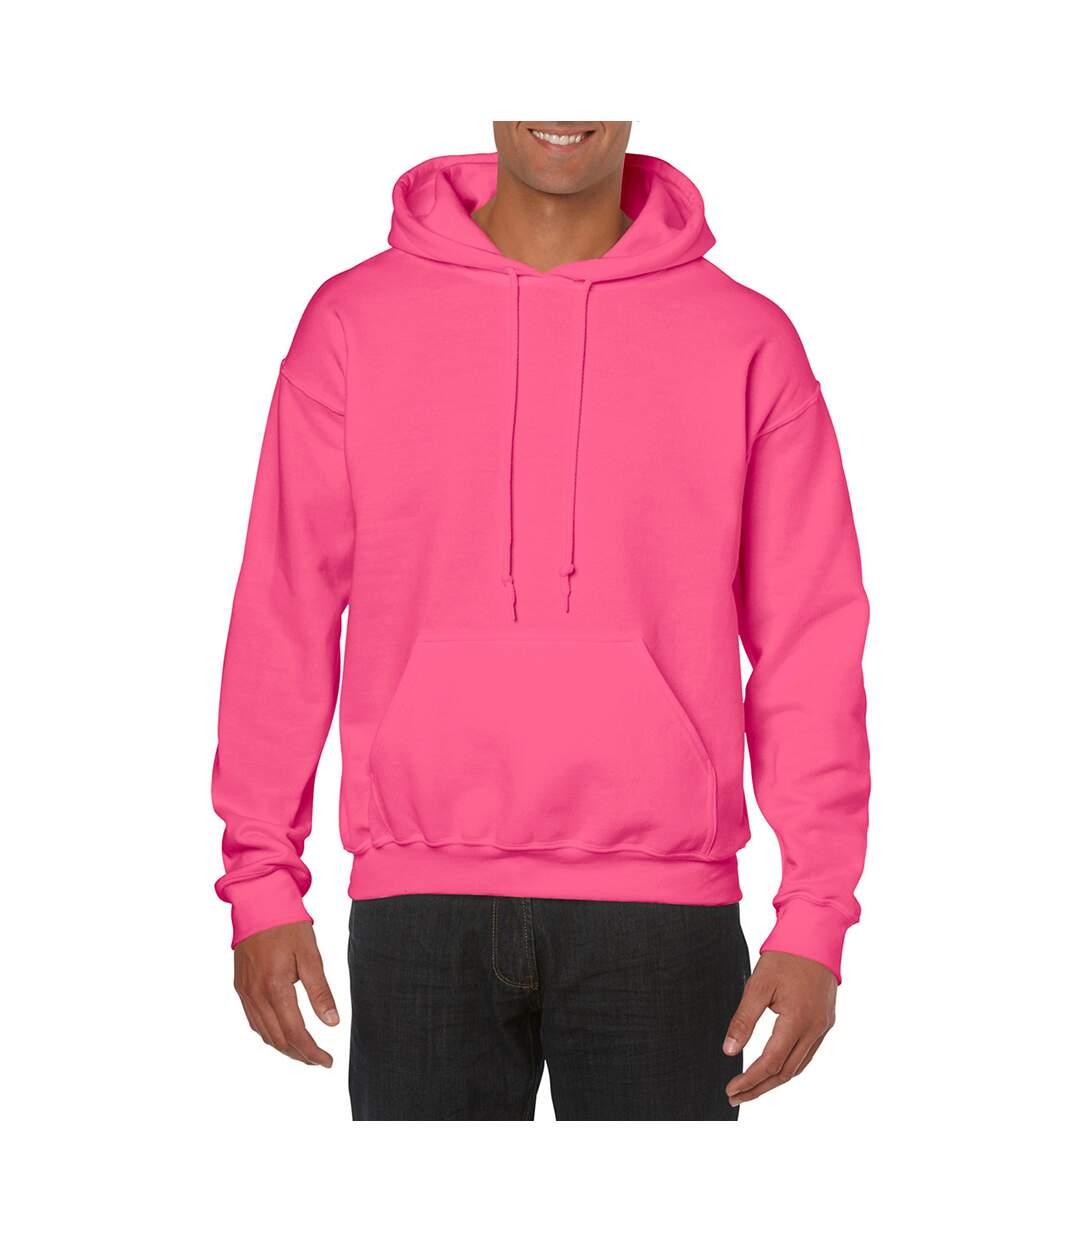 Gildan Heavy Blend Adult Unisex Hooded Sweatshirt / Hoodie (Maroon) - UTBC468